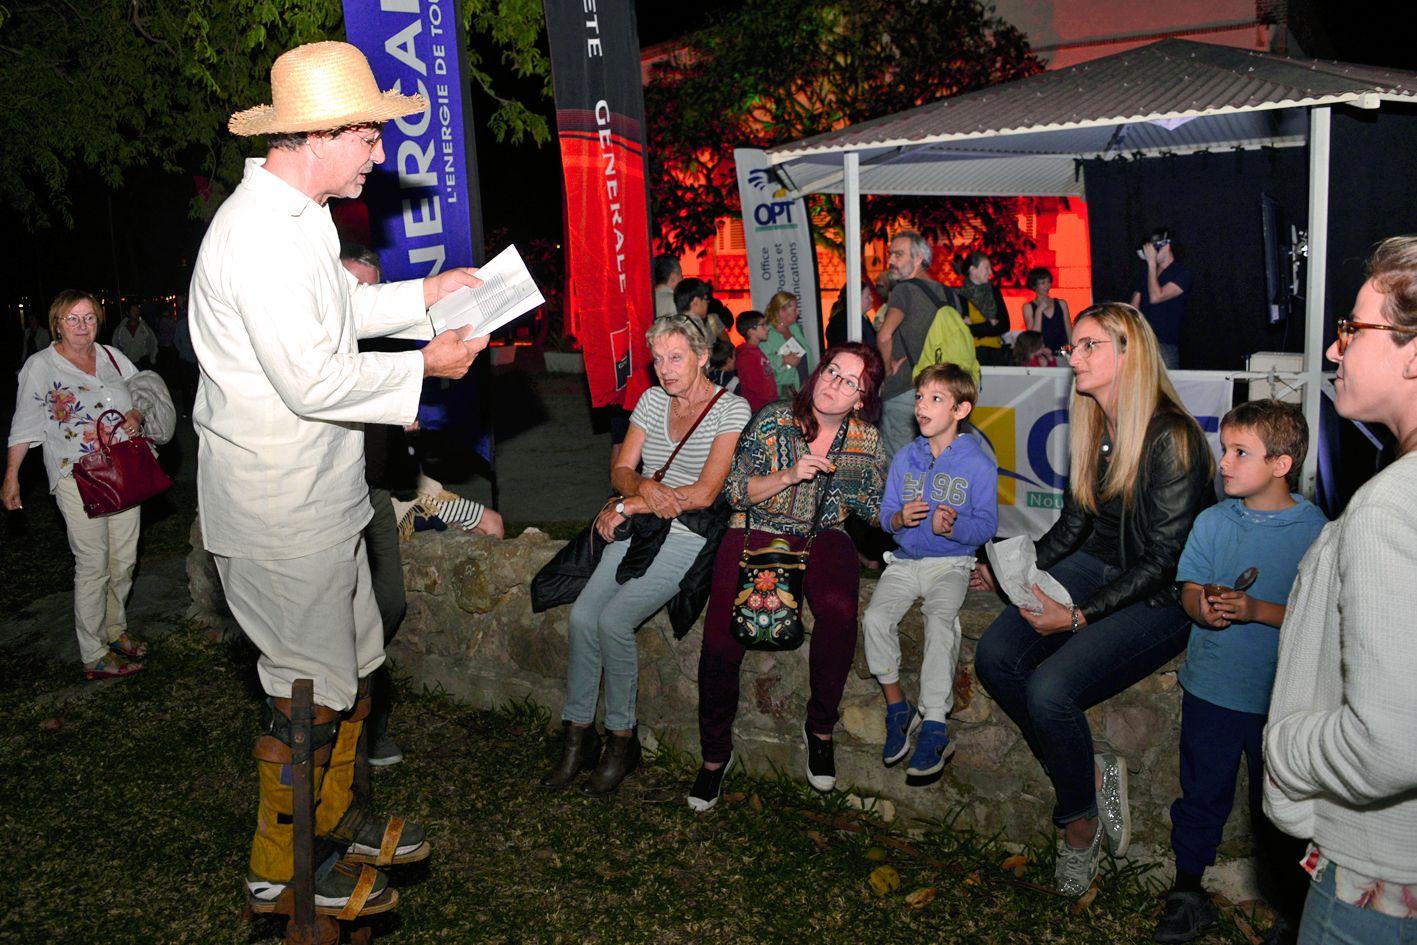 Pendant la soirée, les bénévoles ont raconté de petites anecdotes historiques aux spectateurs. Photo Thierry Perron